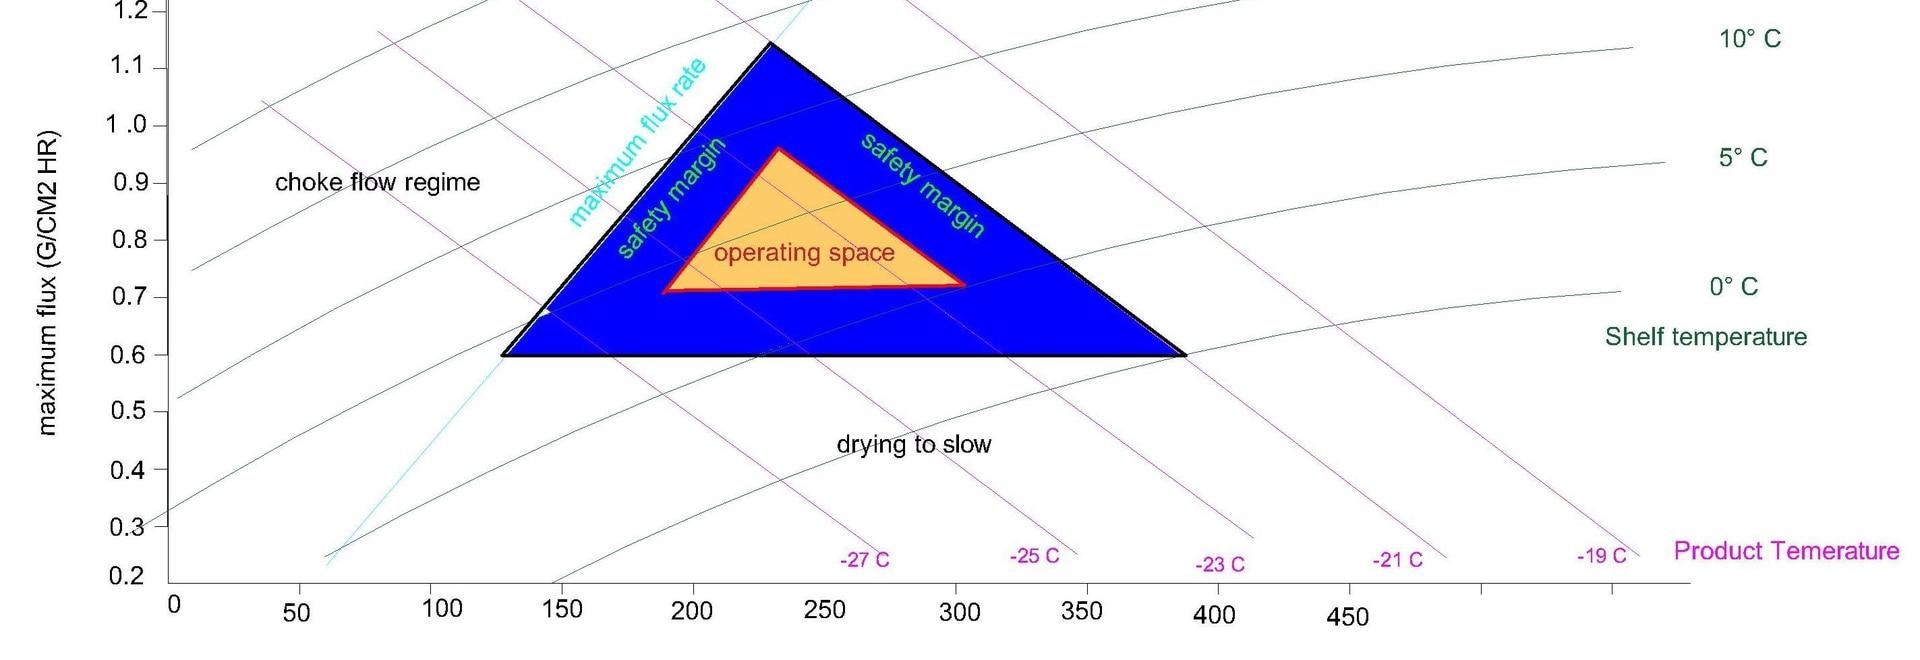 Come lo spazio di progettazione migliora il successo del ciclo di liofilizzazione